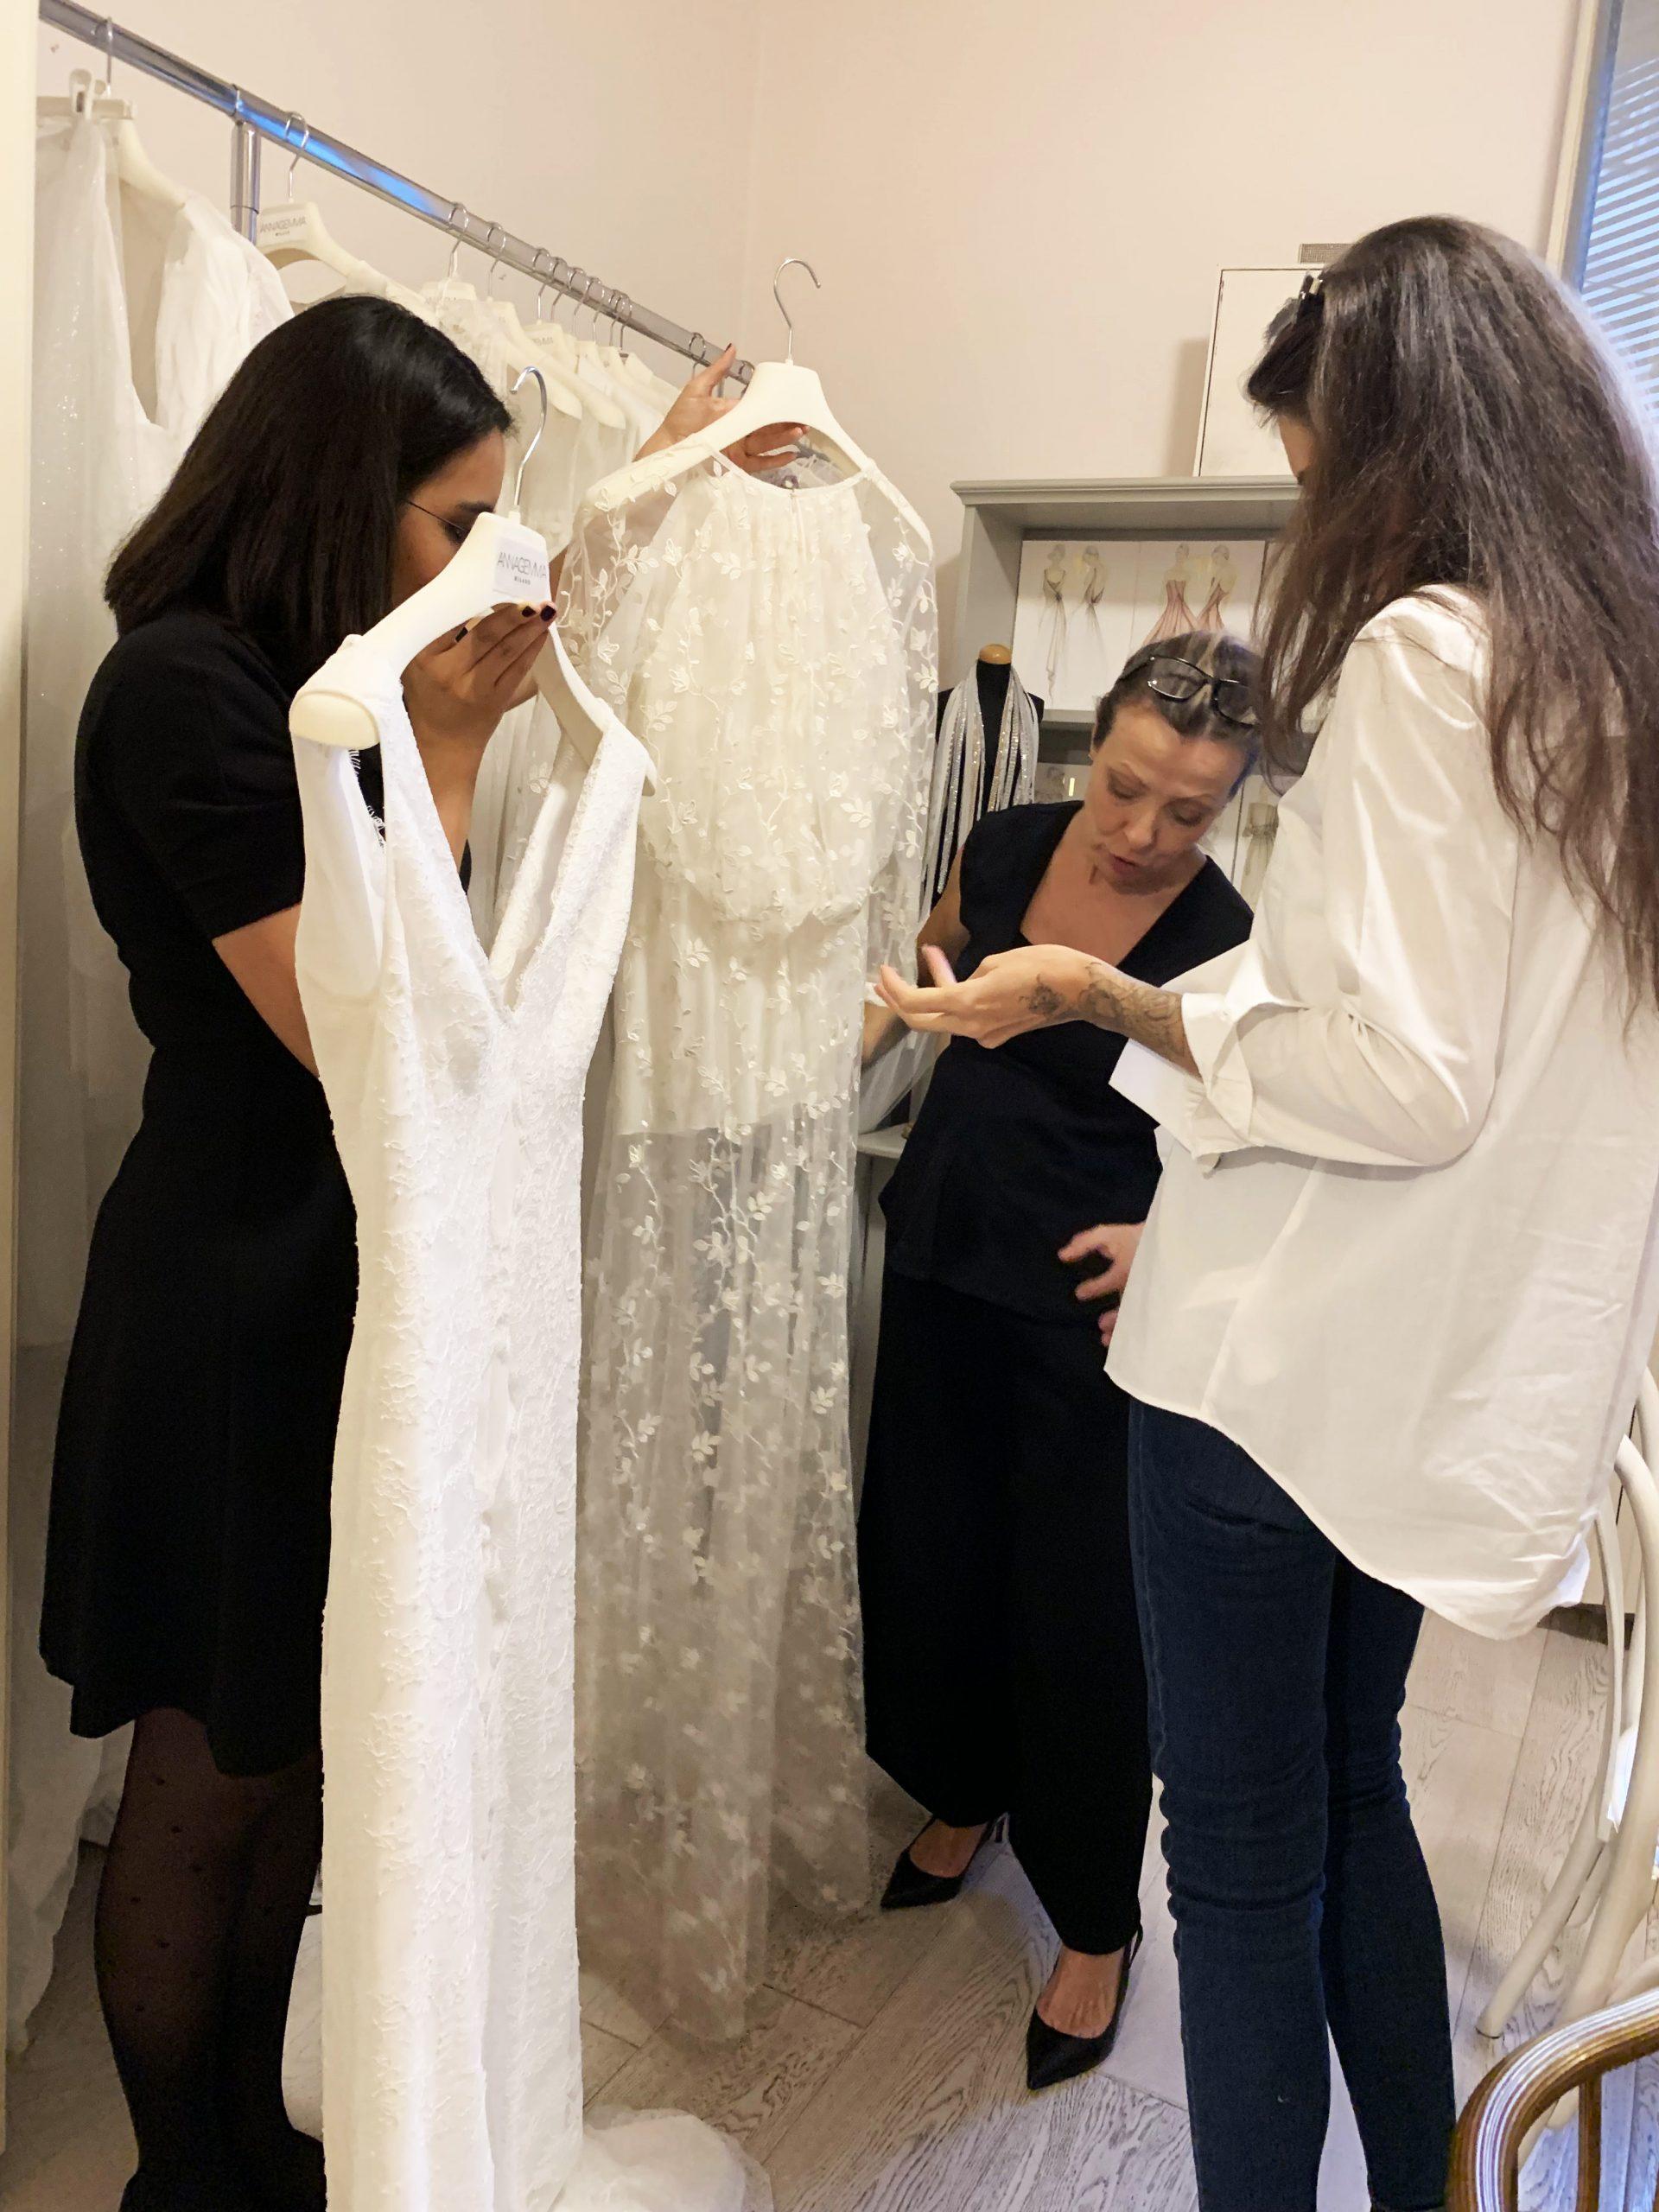 Come scegliere l'abito da sposa?